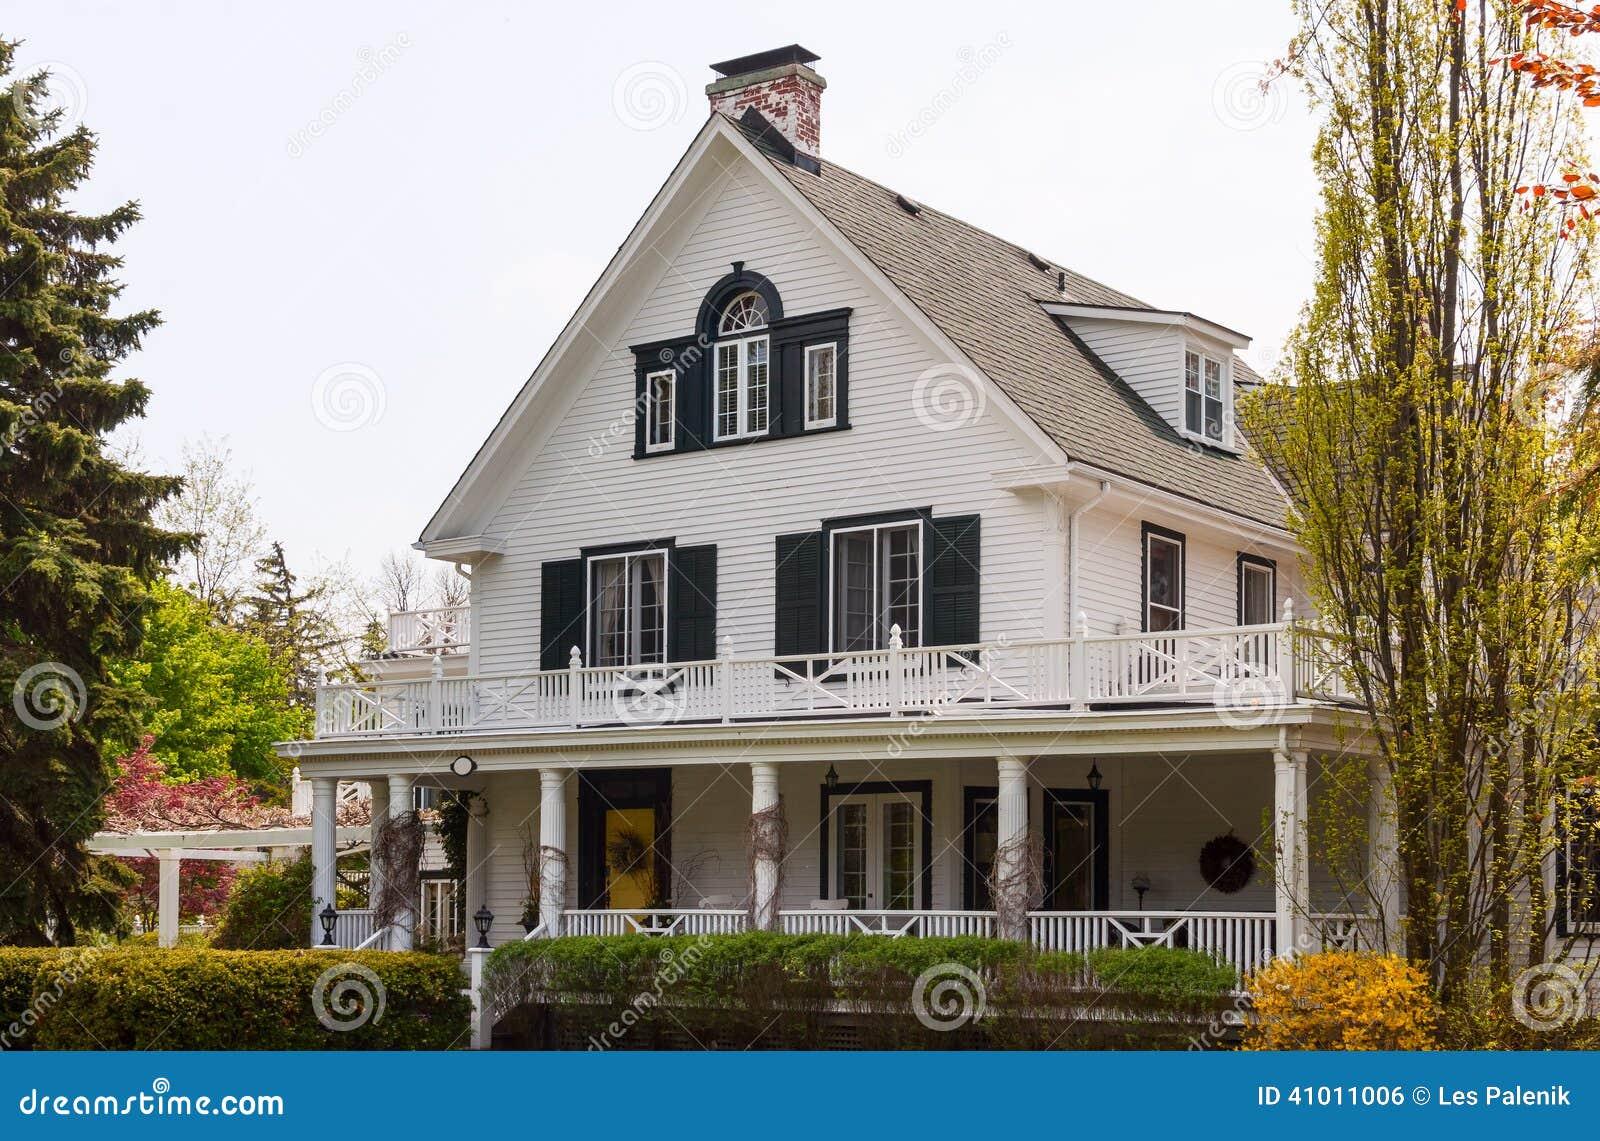 White House With A Wraparound Porch Stock Photo - Image ...